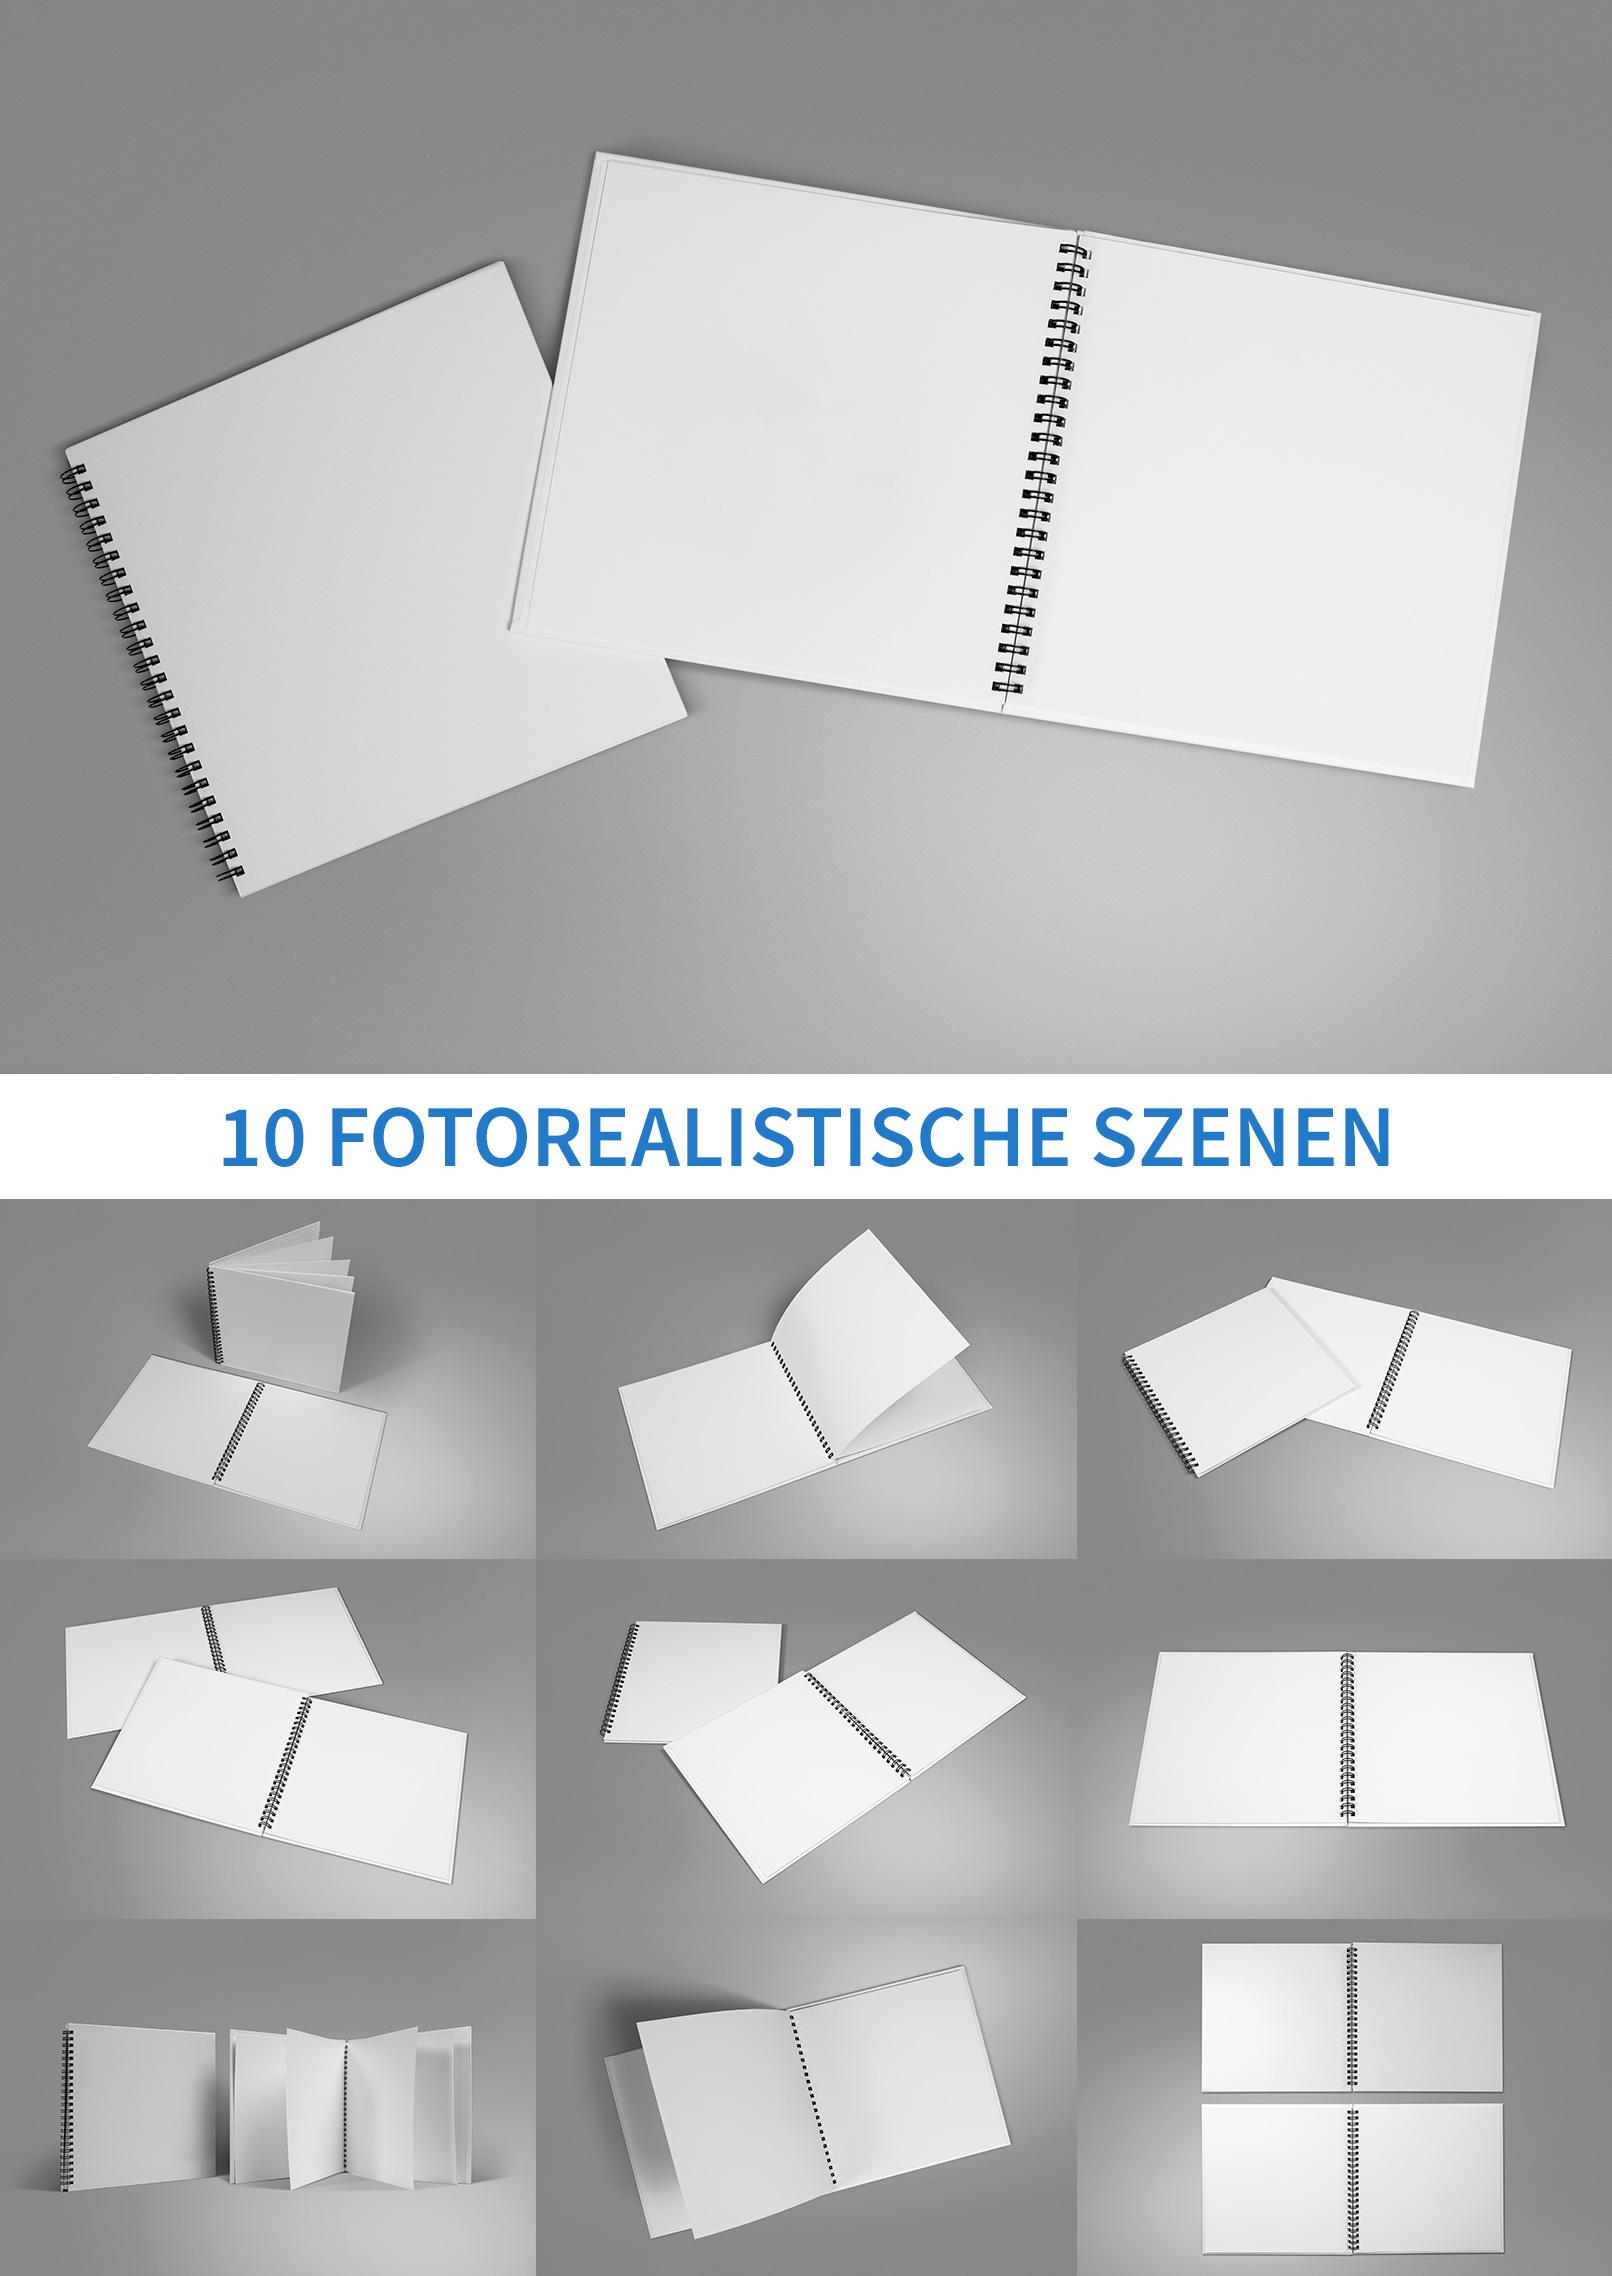 Mockup für Quadratformat-Hardcover-Broschüren mit Spiralbindung